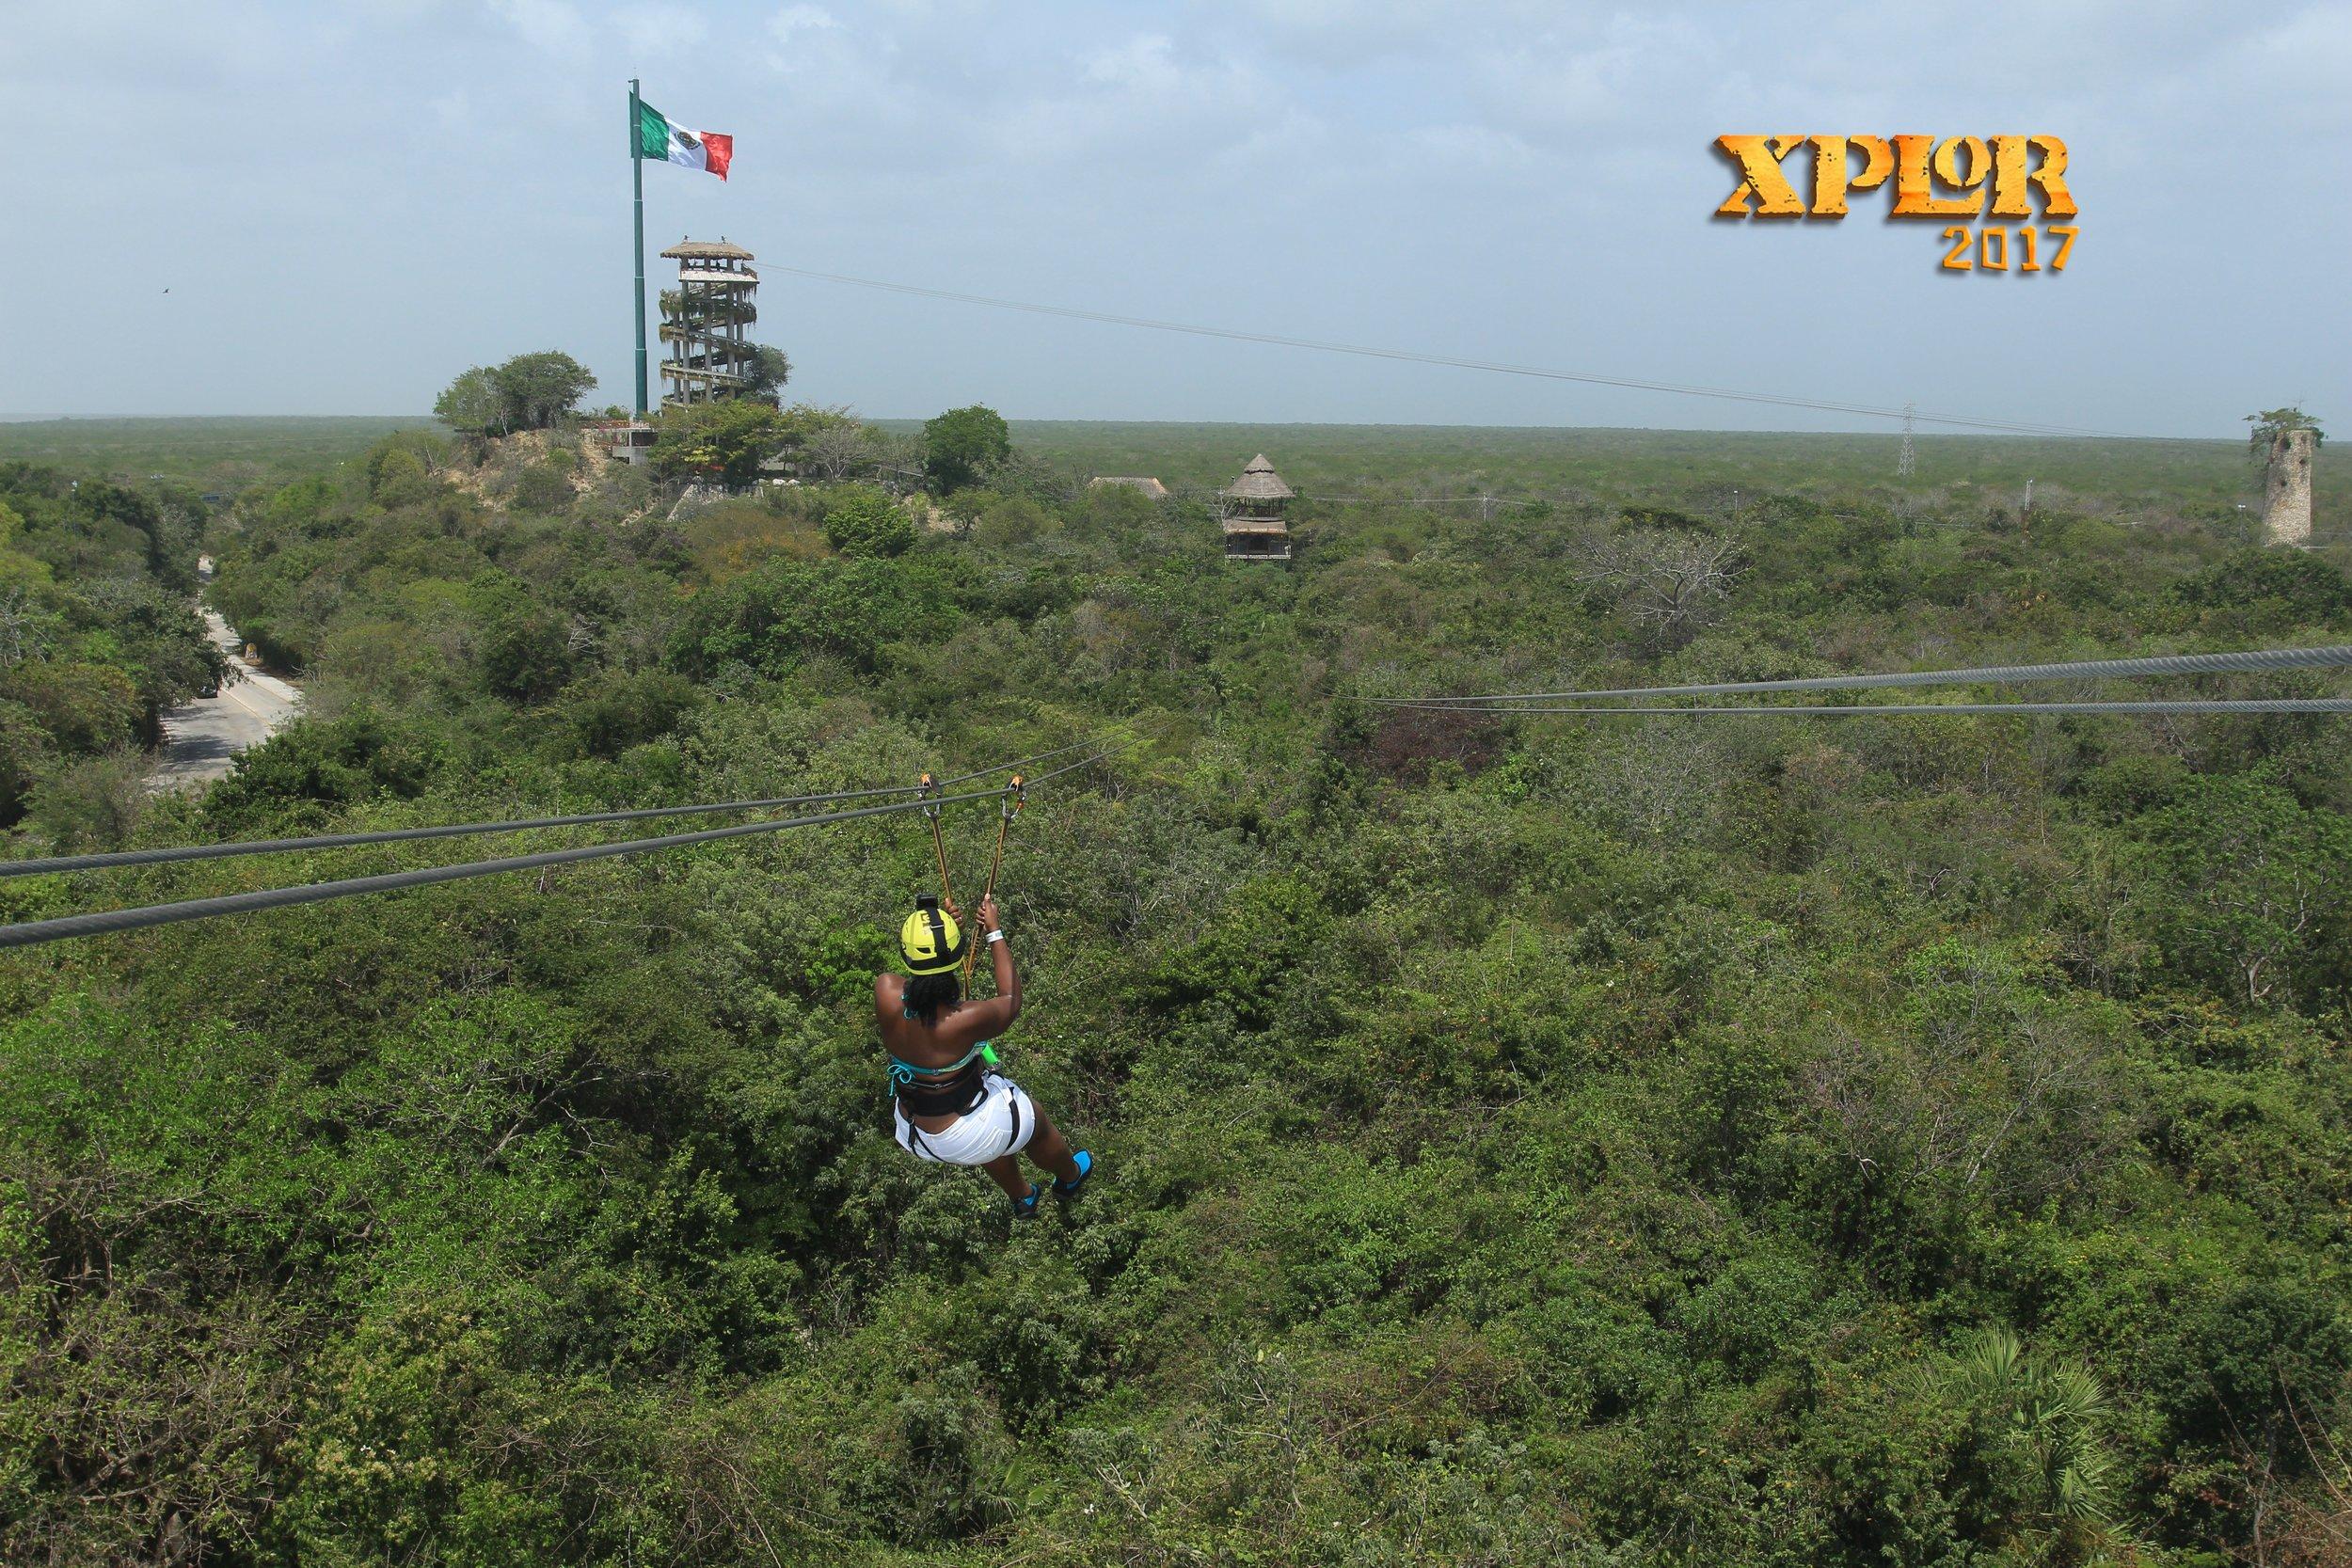 Ziplining at Xplor Park in Riviera Maya